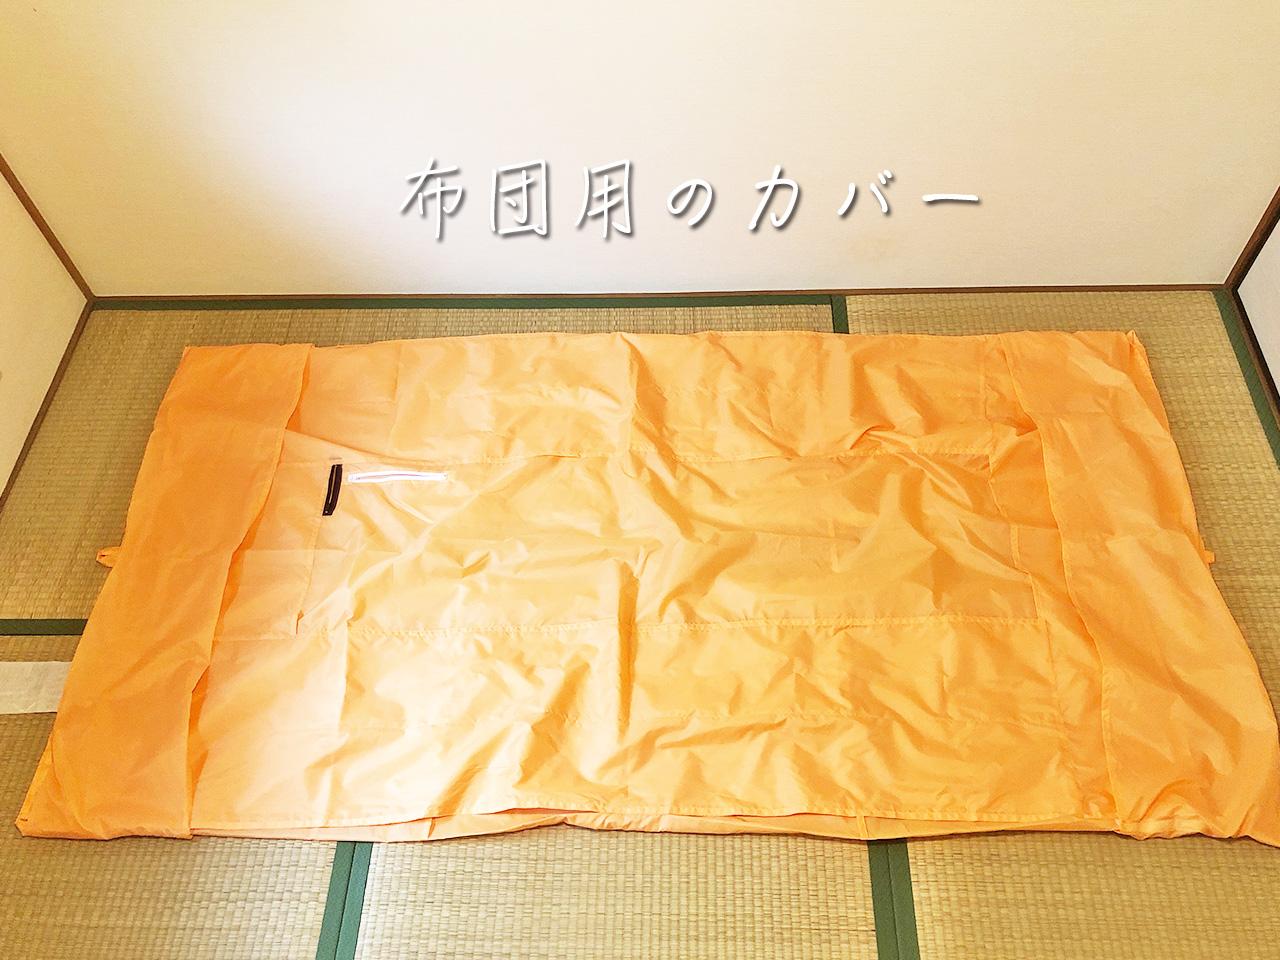 布団用のカバー